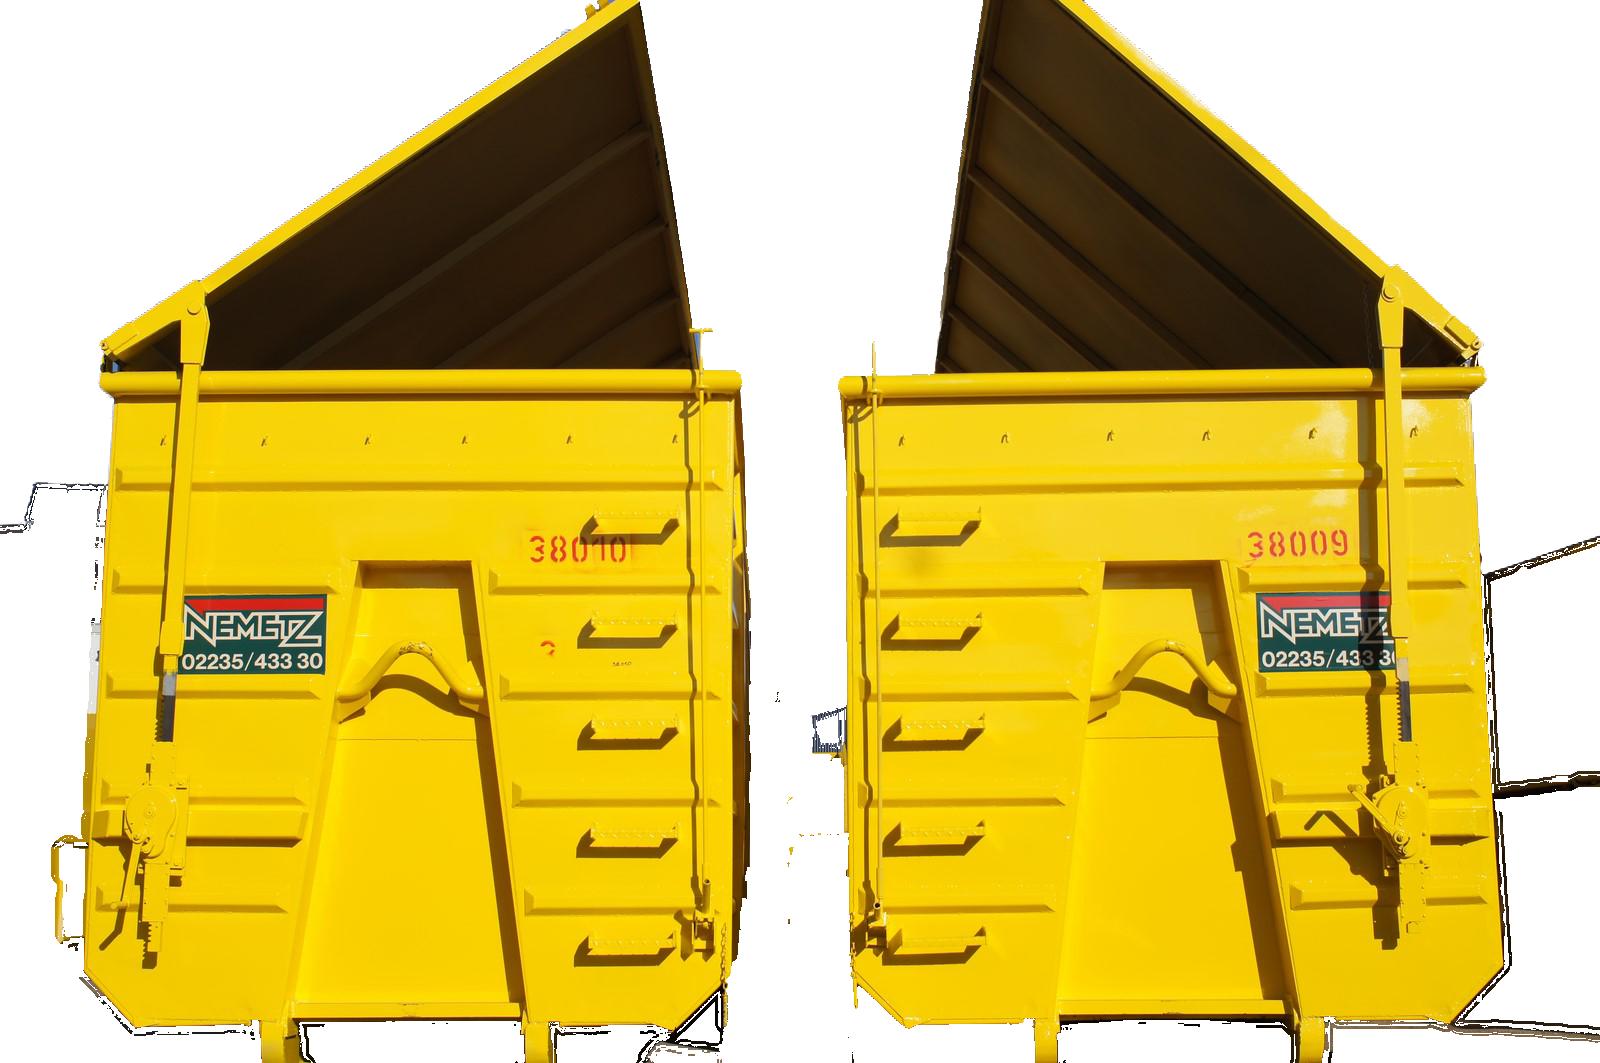 Terrific Container Aufstellen Ohne Baugenehmigung Decoration Of Achtung: Wenn Sie Auf öffentlichem Raum Möchten